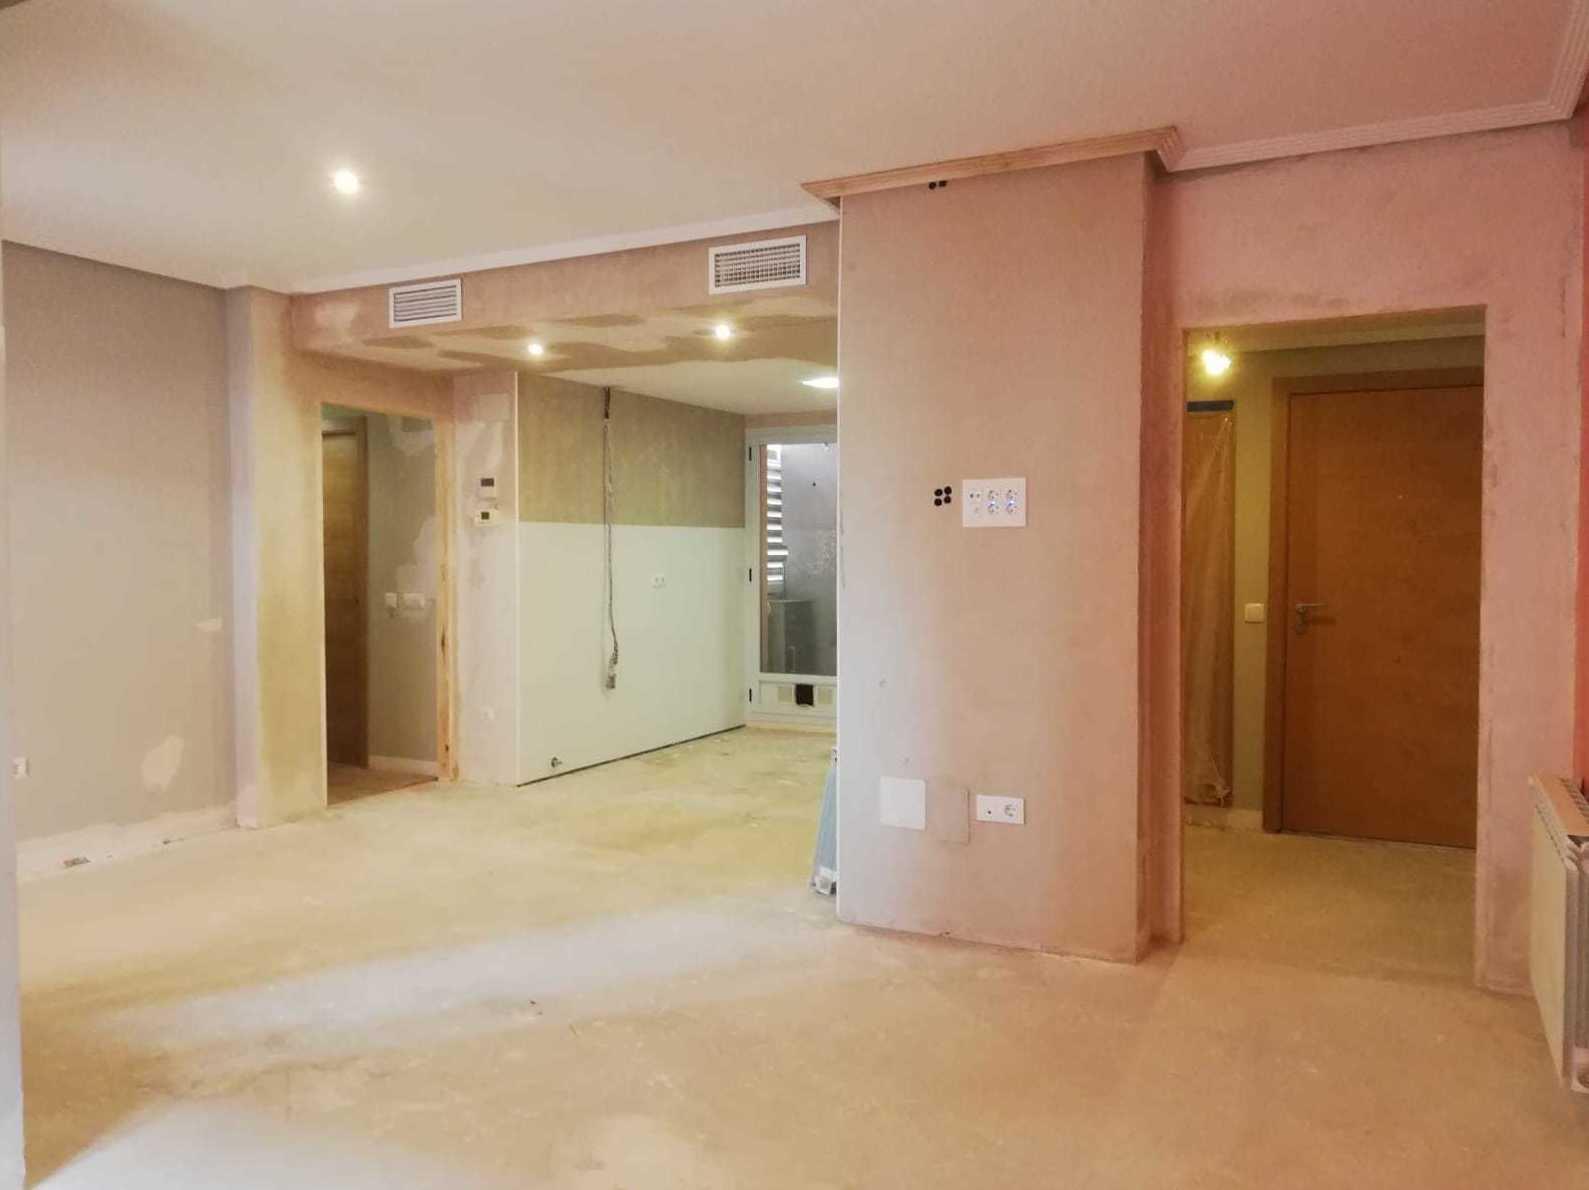 Foto 39 de Construcciones y reformas en Mirandilla | Construcciones Domvs Imperator